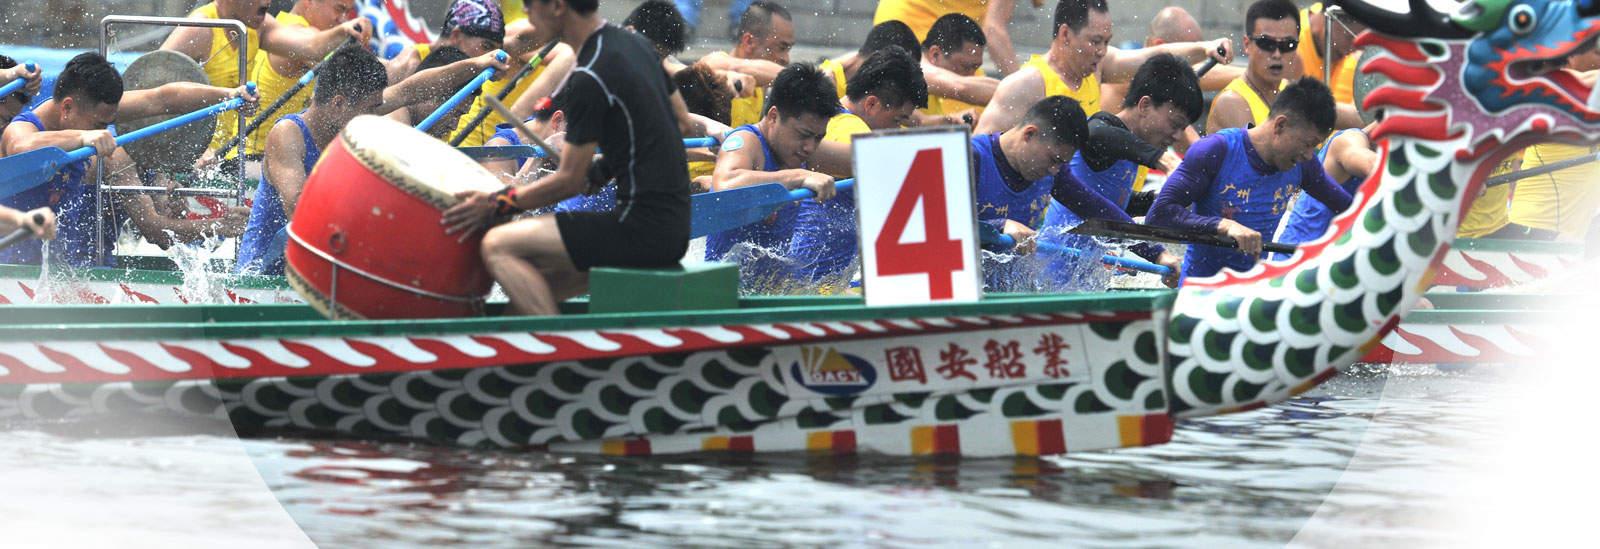 2013��舟�